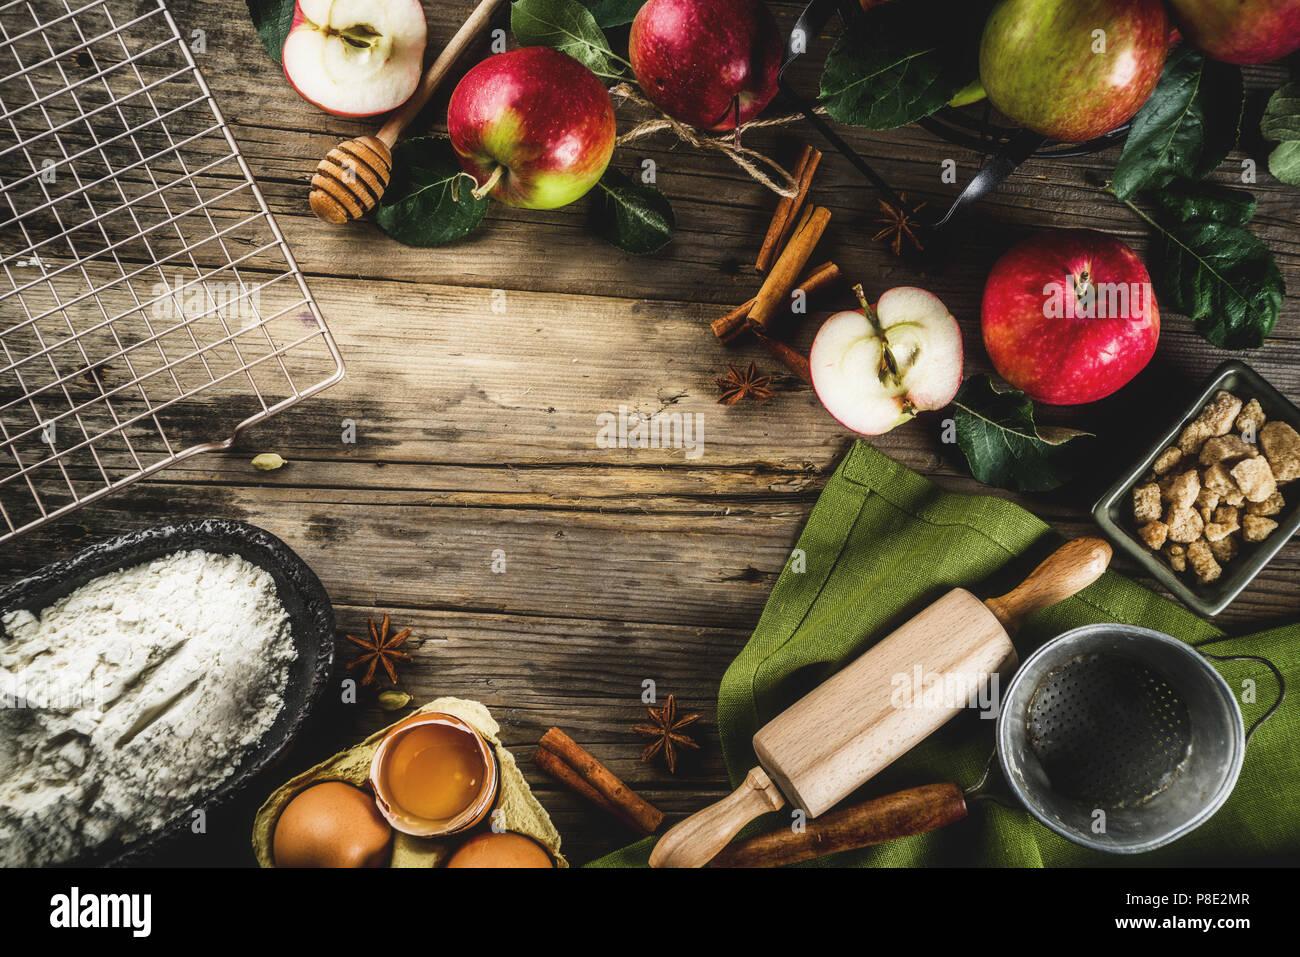 Herbst kochen Hintergrund, Apfelkuchen backen Konzept, frische rote Äpfel, süßen Gewürzen, Zucker, Mehl, Nudelholz, Eier, backen Geschirr, Holz- backgrou Stockbild